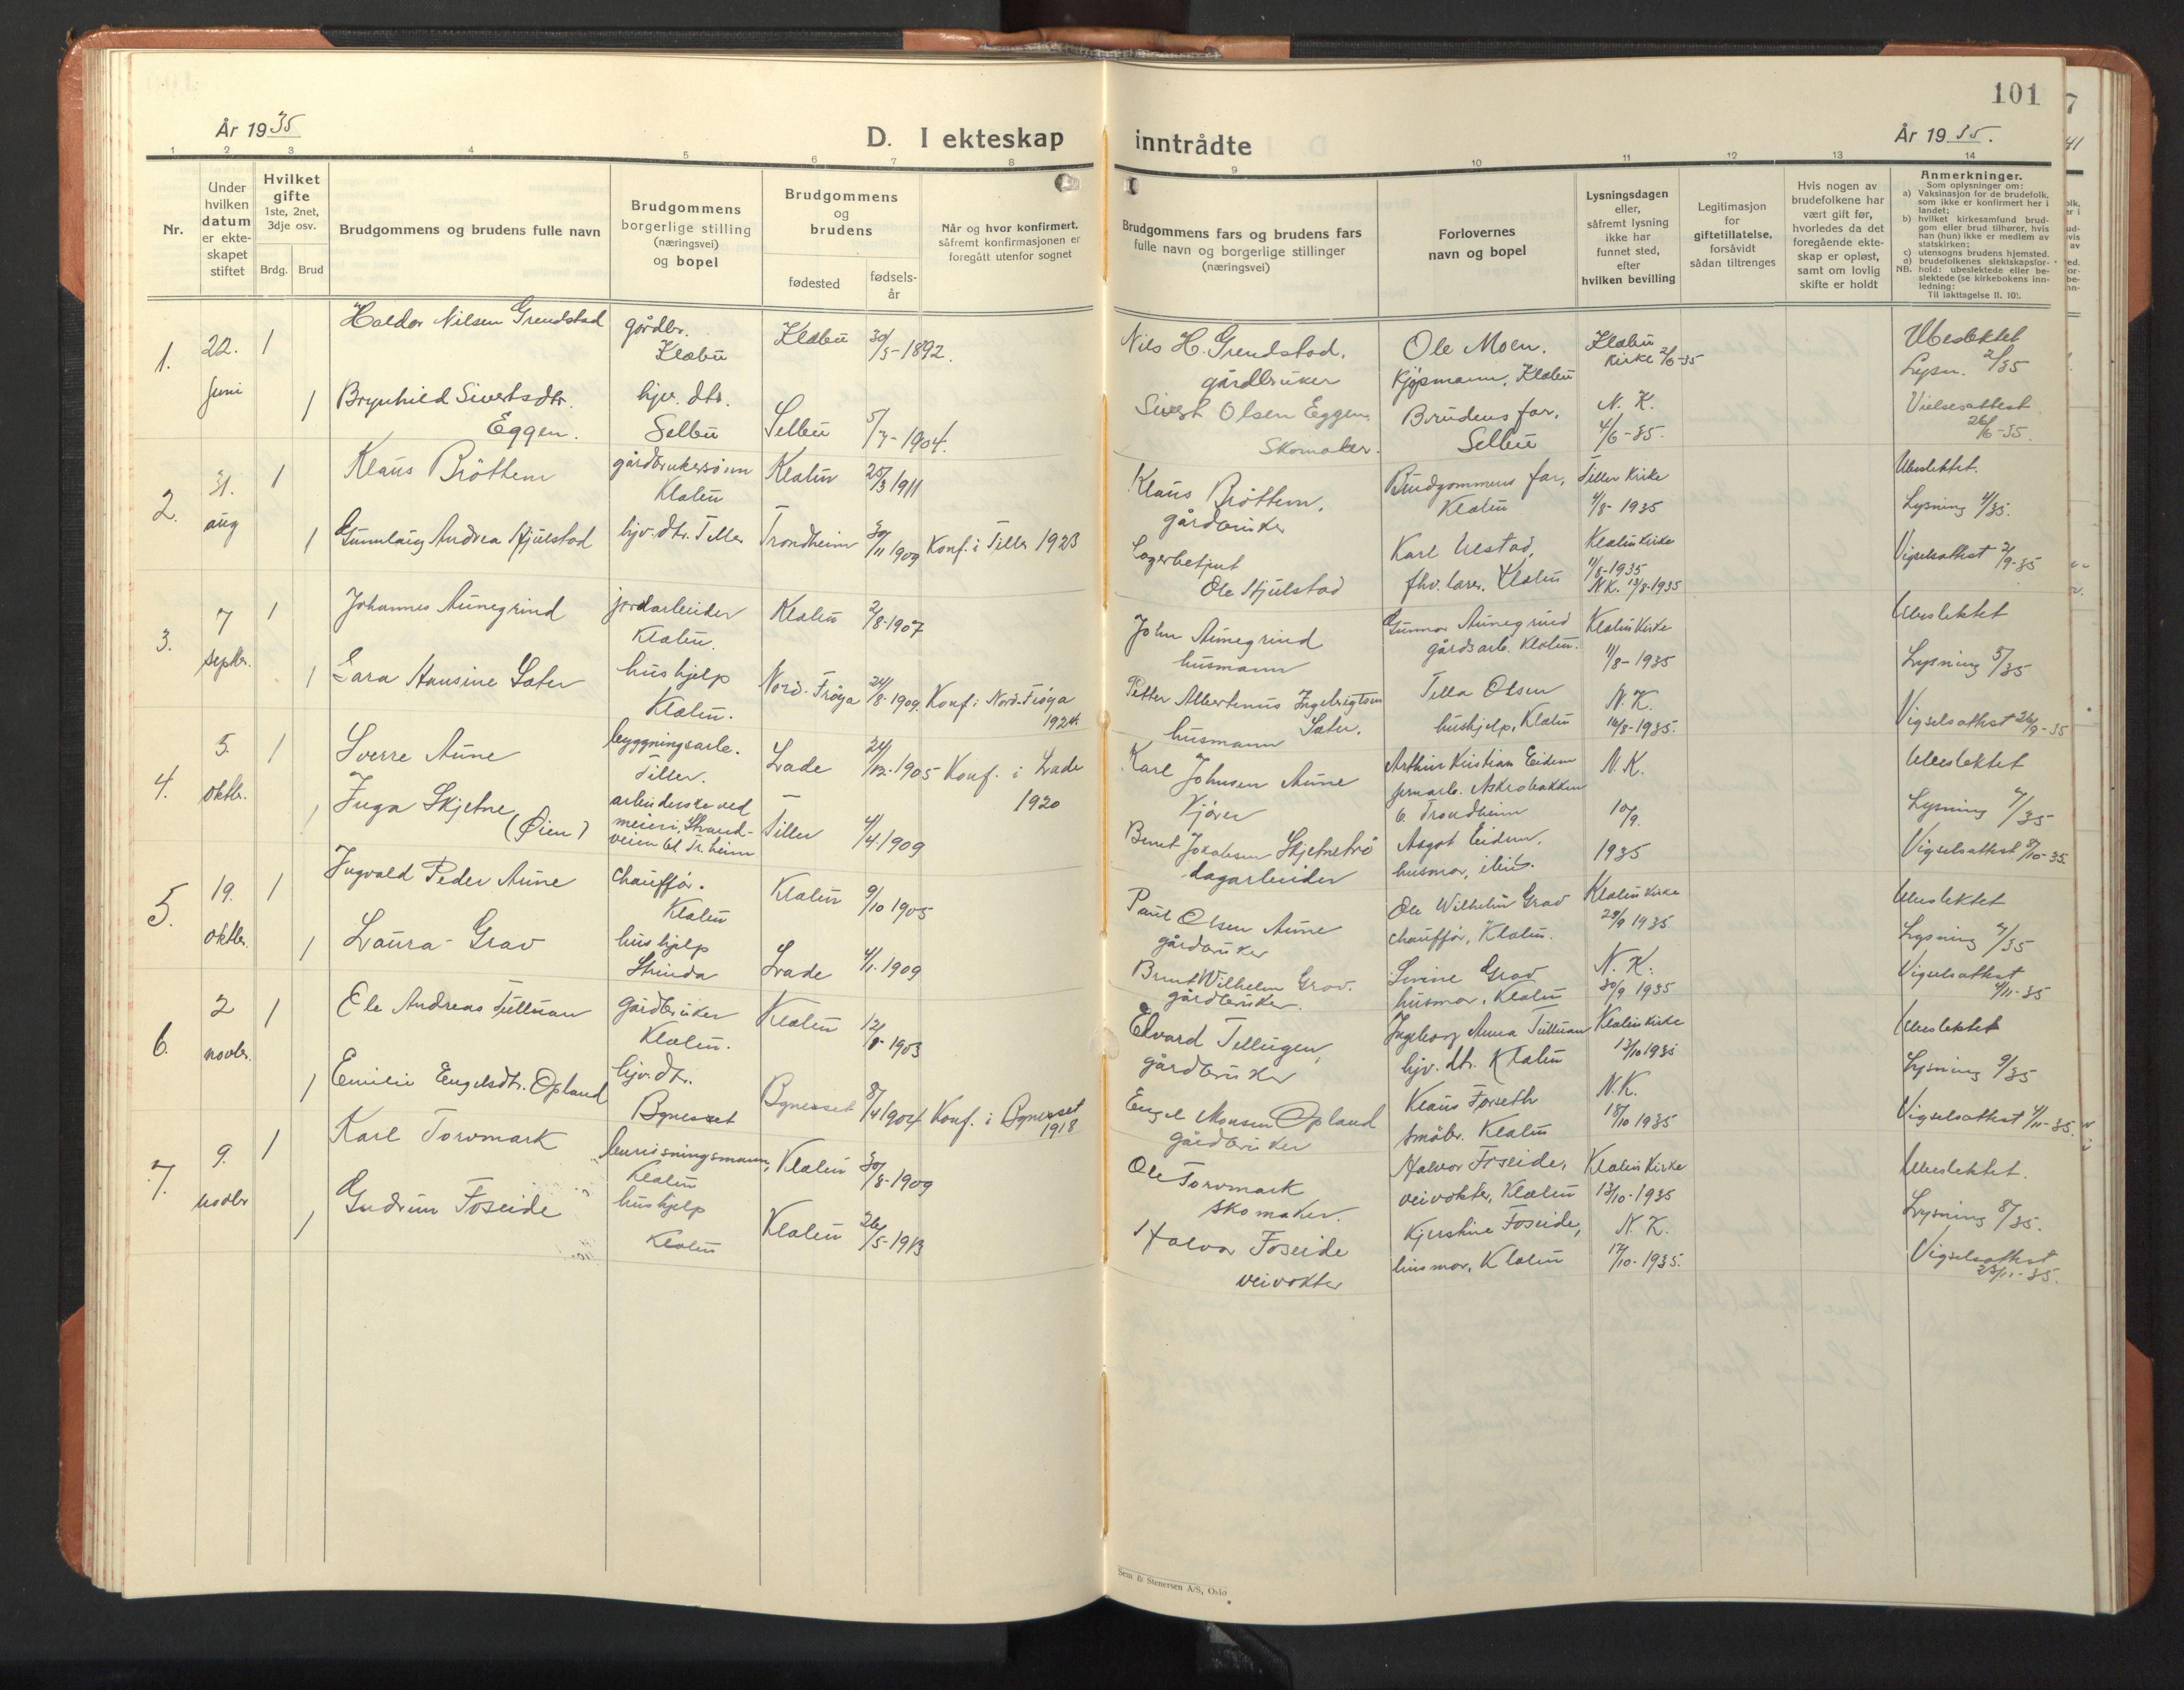 SAT, Ministerialprotokoller, klokkerbøker og fødselsregistre - Sør-Trøndelag, 618/L0454: Klokkerbok nr. 618C05, 1926-1946, s. 101